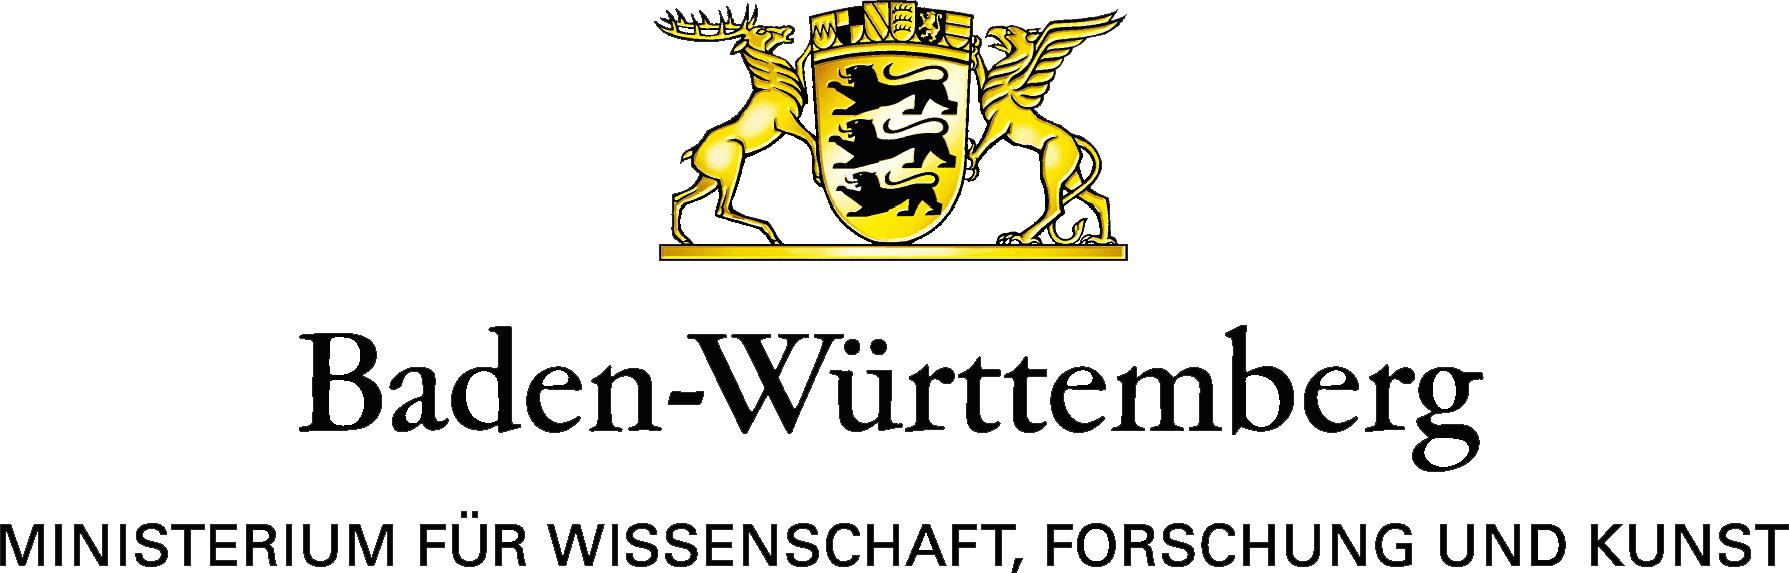 https://mwk.baden-wuerttemberg.de/fileadmin/redaktion/m-mwk/intern/bilder/Logos_MWK_und_BW/MWK_Logo_freigestellt.png